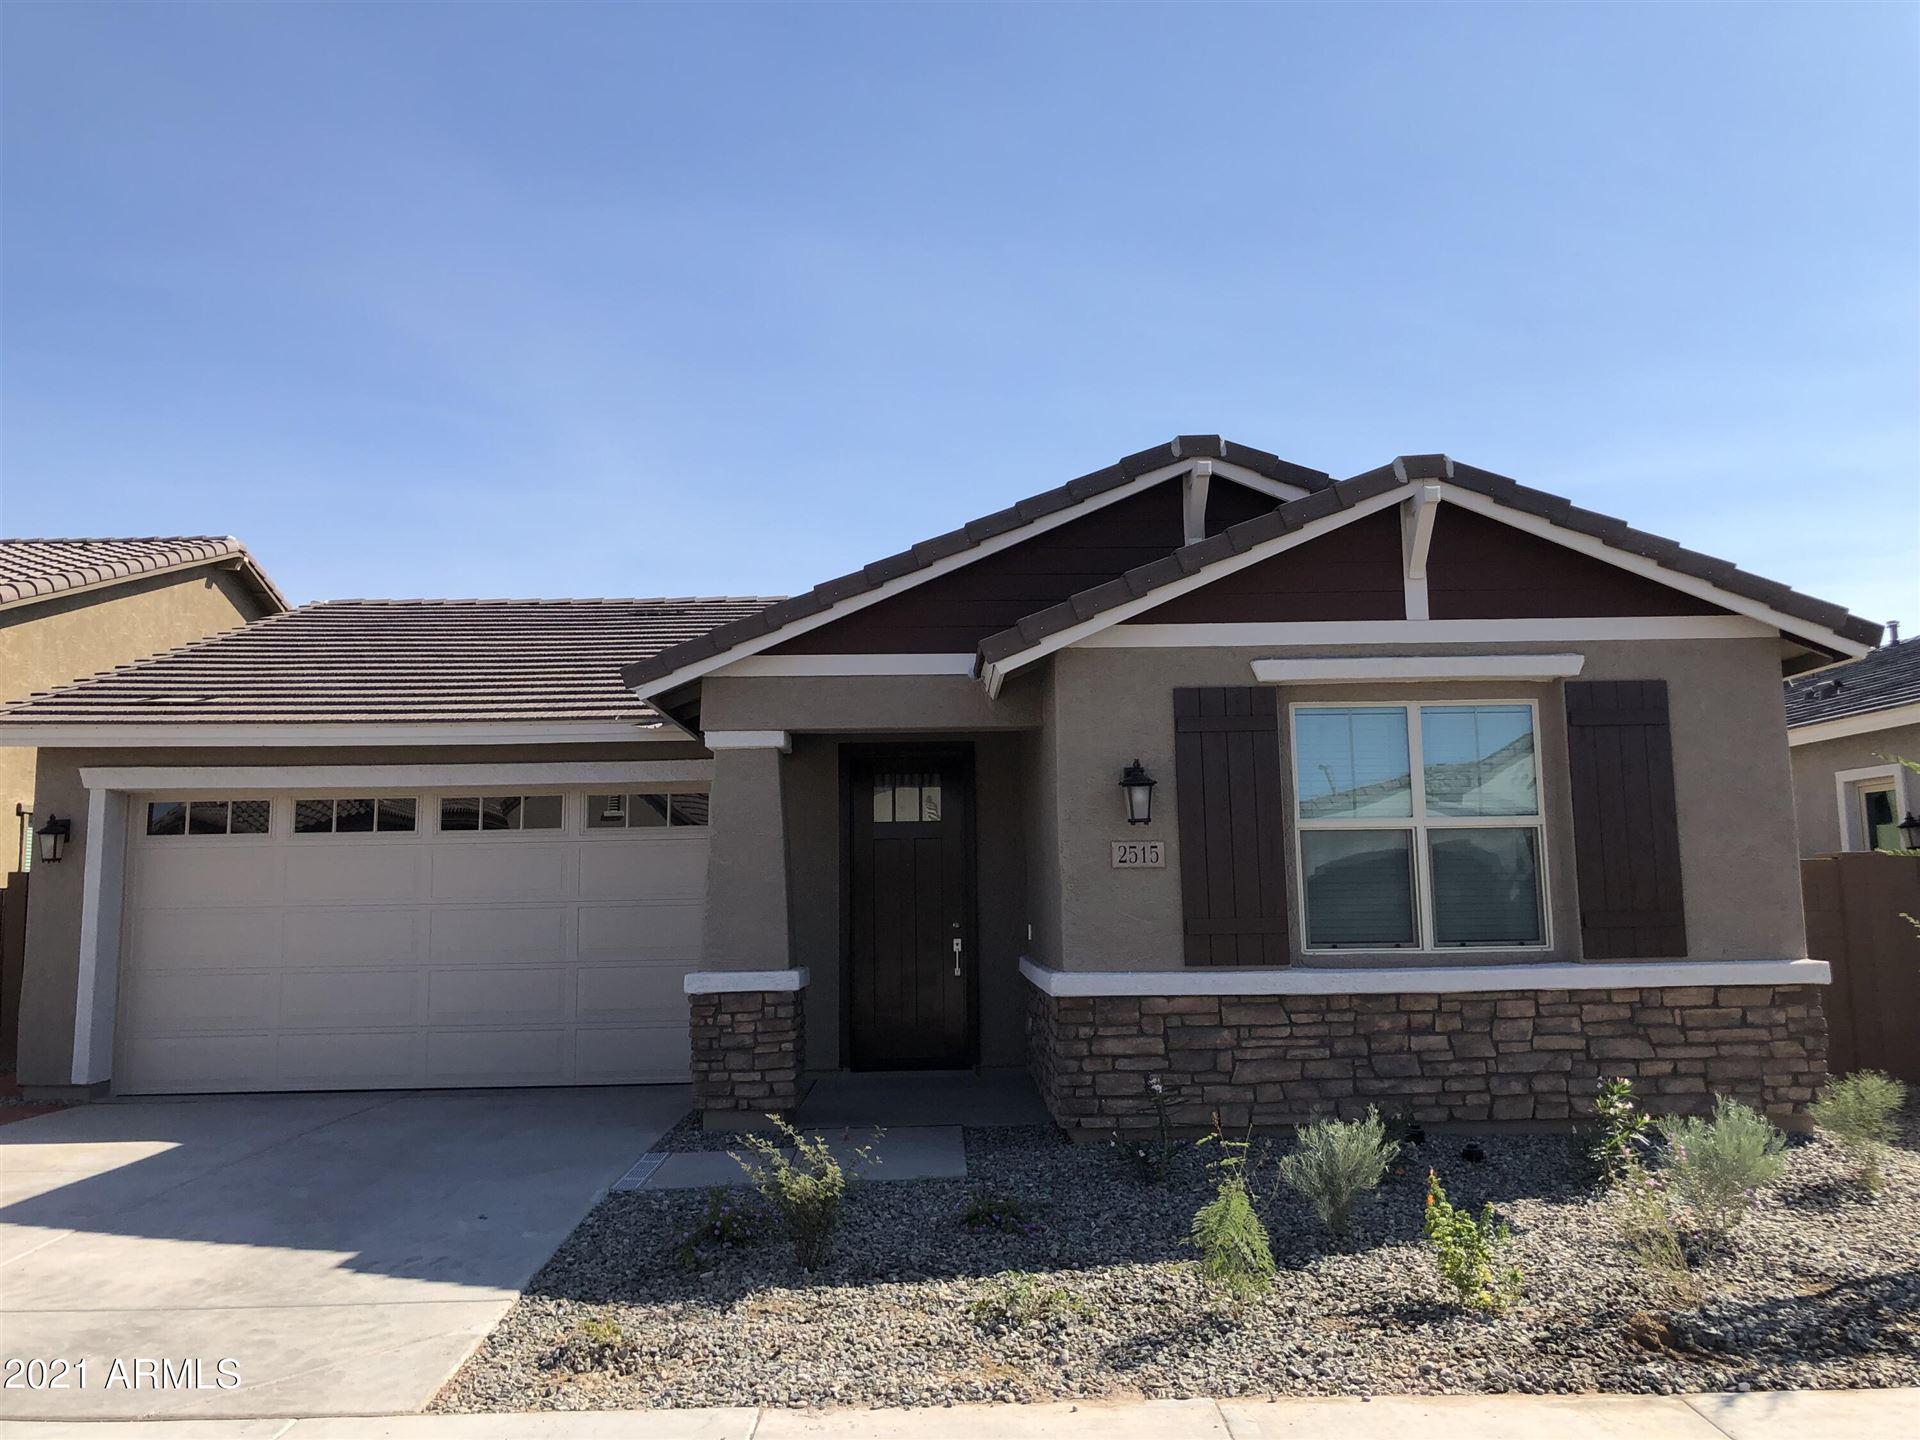 Photo of 2515 E KINGBIRD Drive, Gilbert, AZ 85297 (MLS # 6293440)